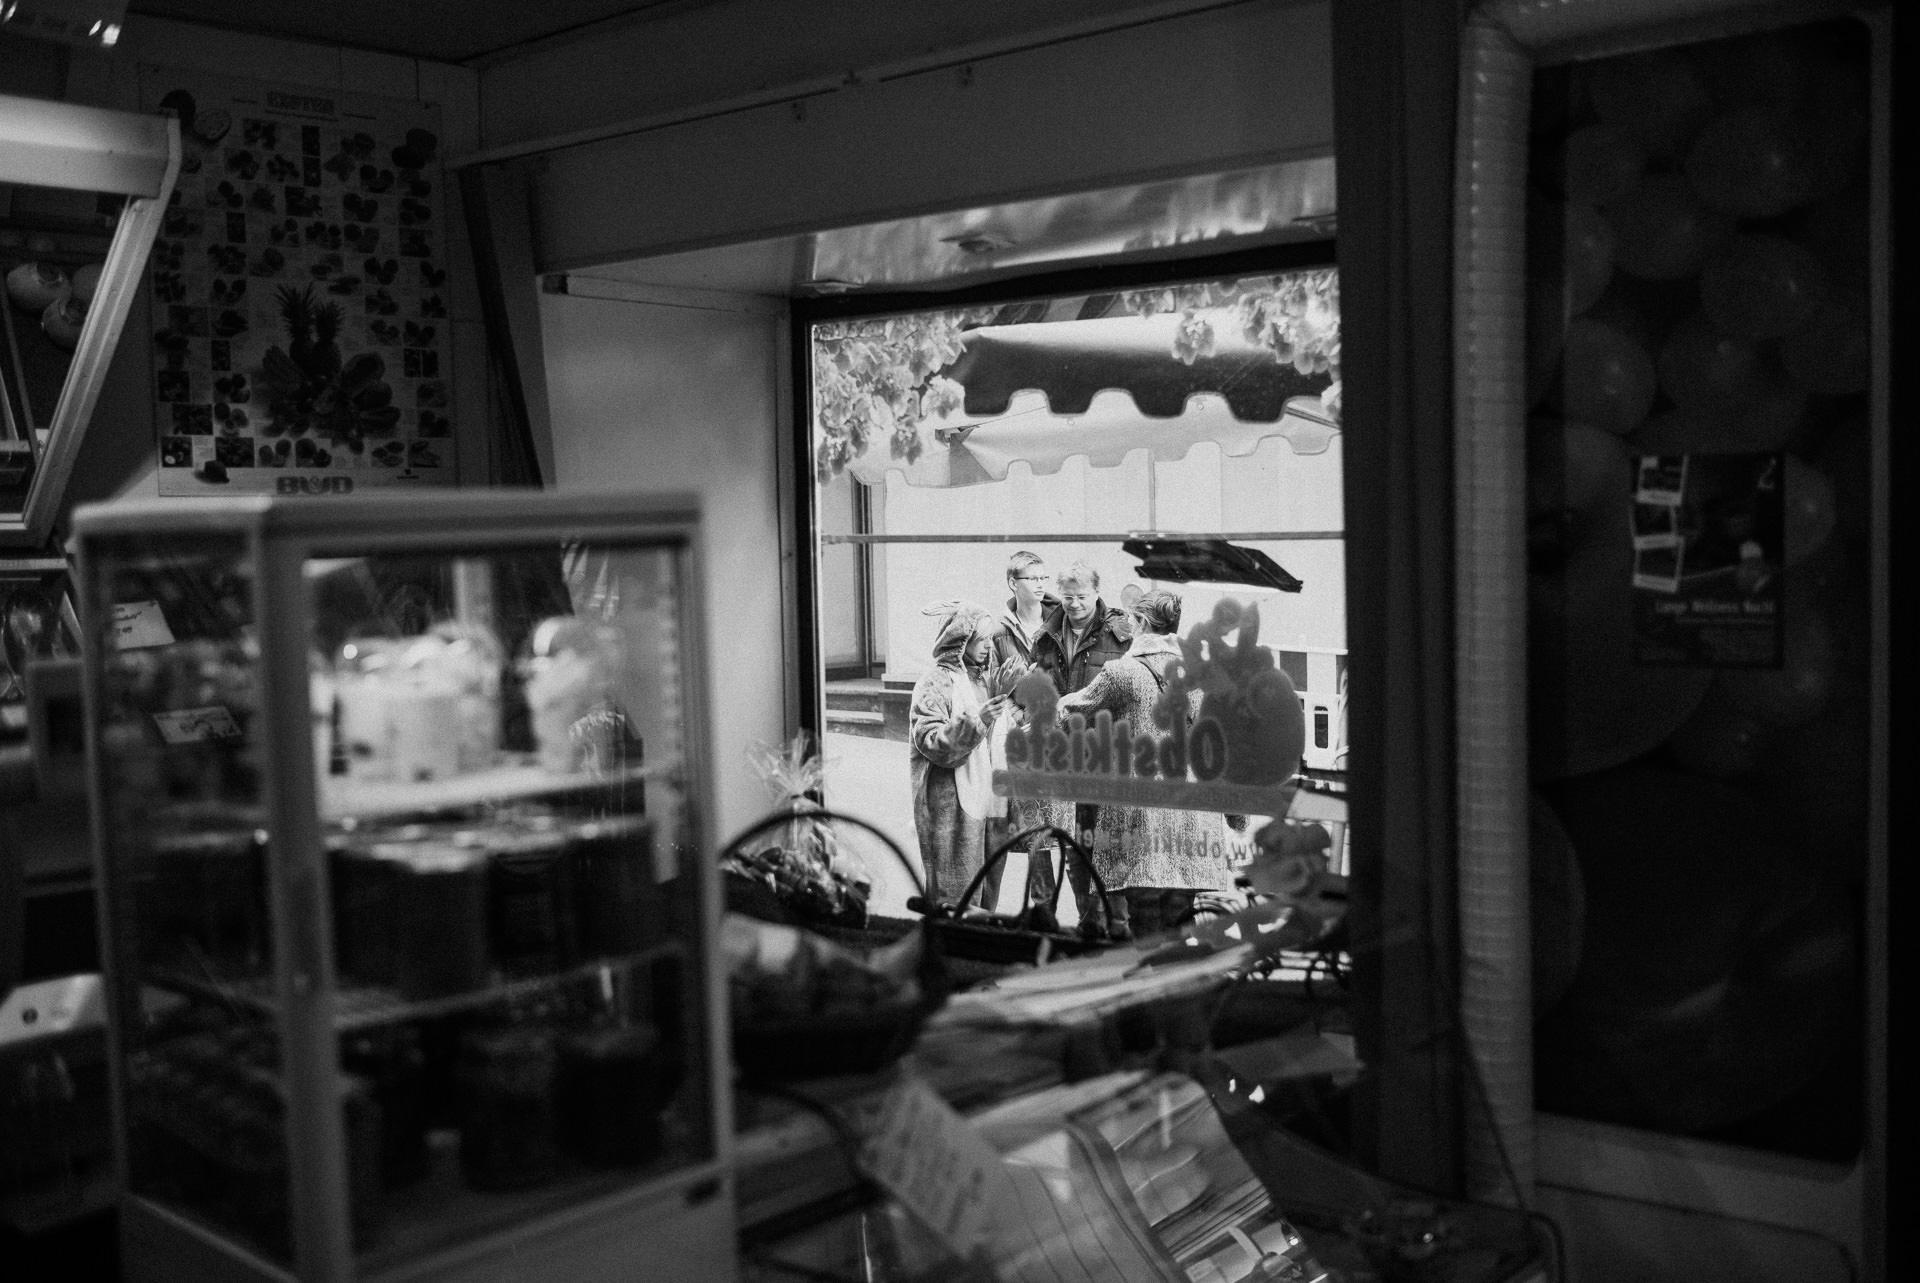 Erster-Tag-mit-der-Leica-M (37 von 40)